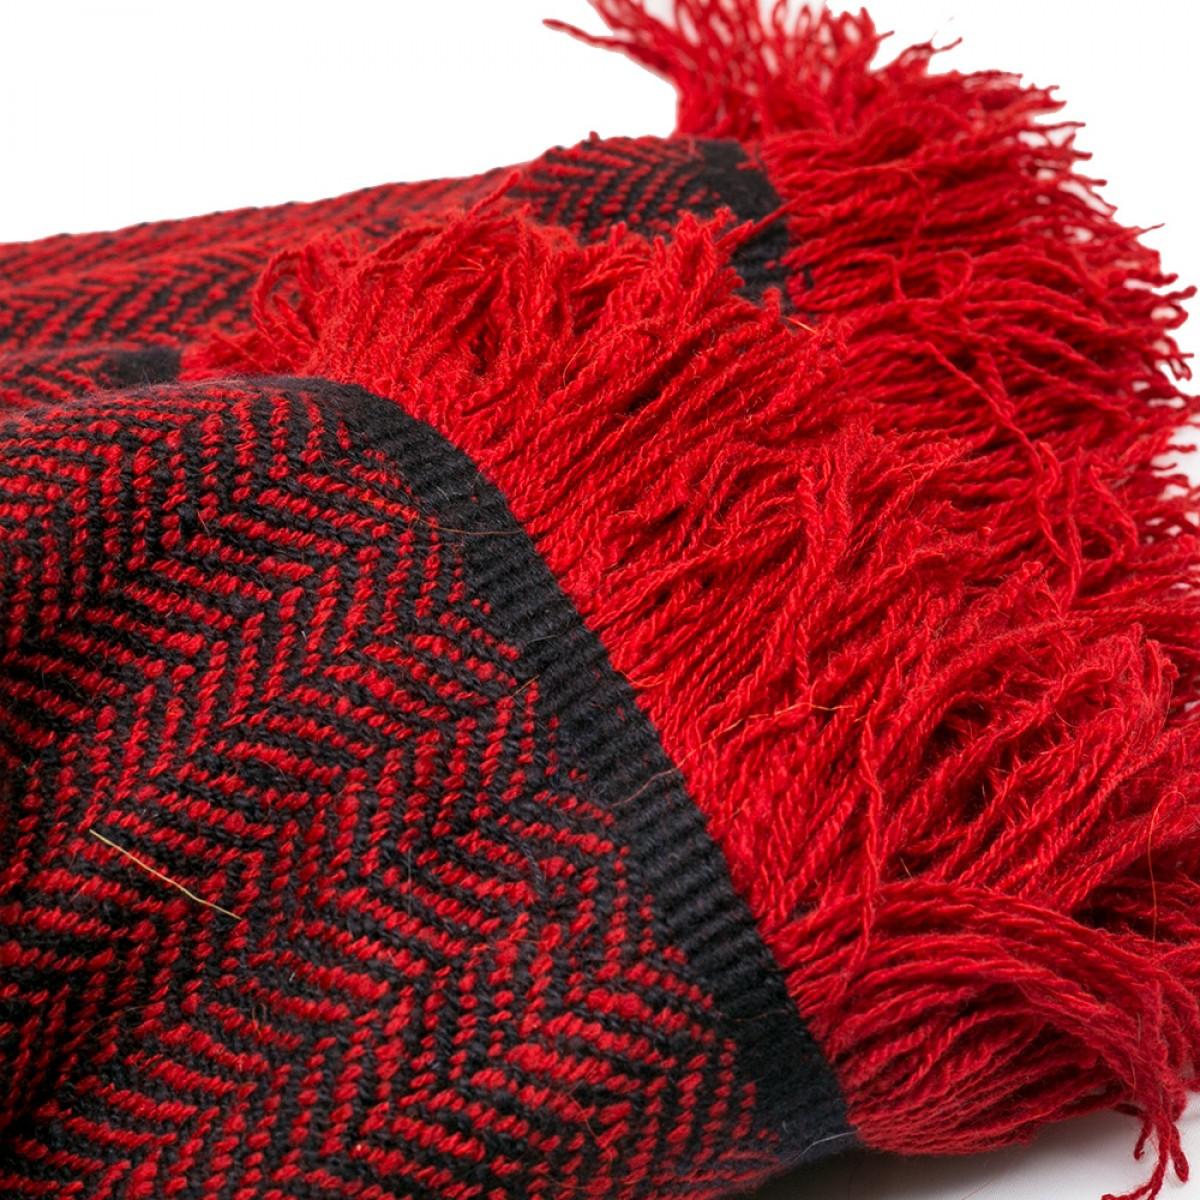 Red & Black Herringbone Weave Cashmere Blanket